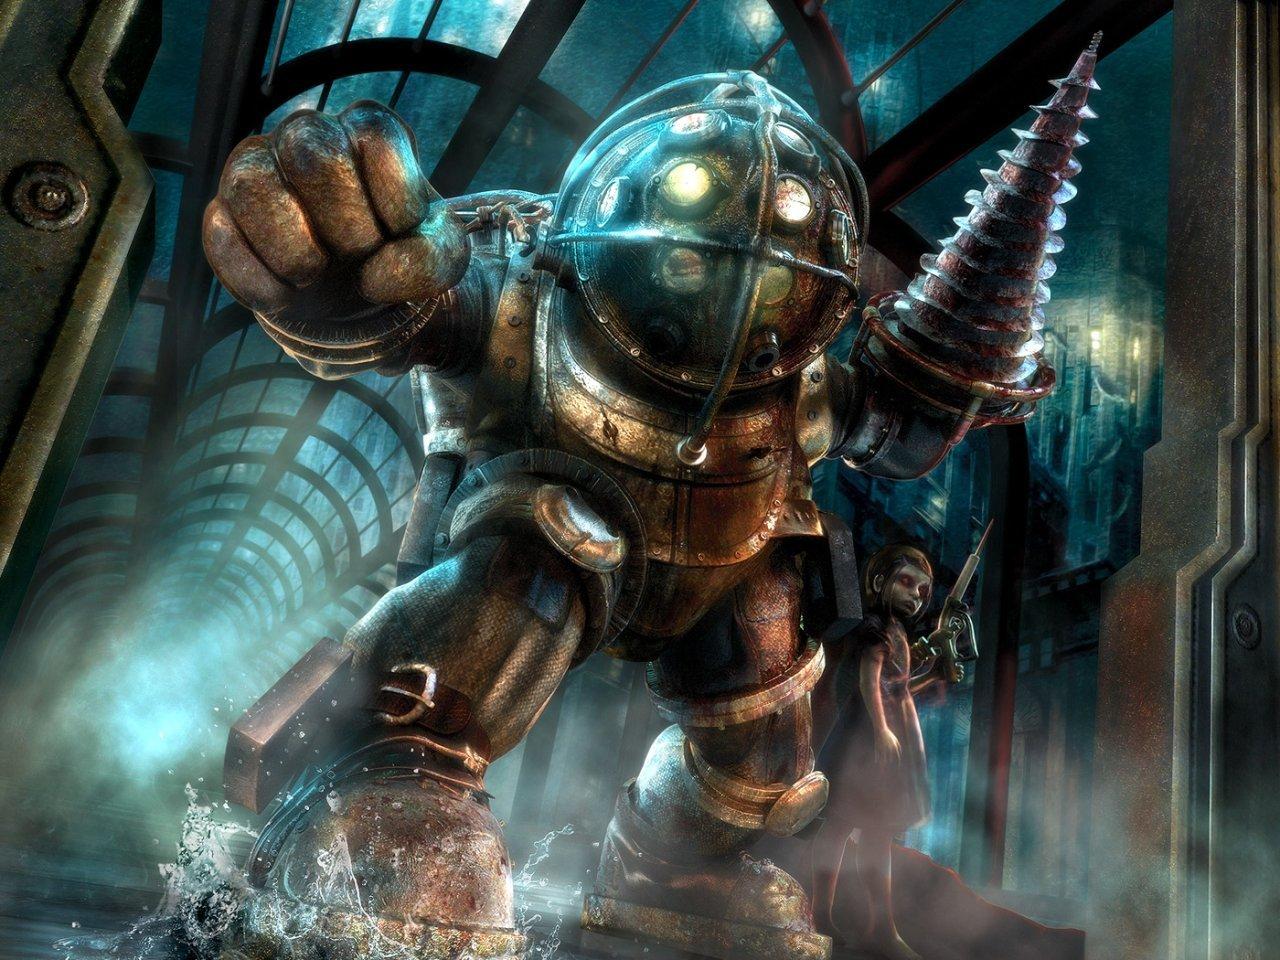 13617 Salvapantallas y fondos de pantalla Juegos en tu teléfono. Descarga imágenes de Juegos, Bioshock gratis